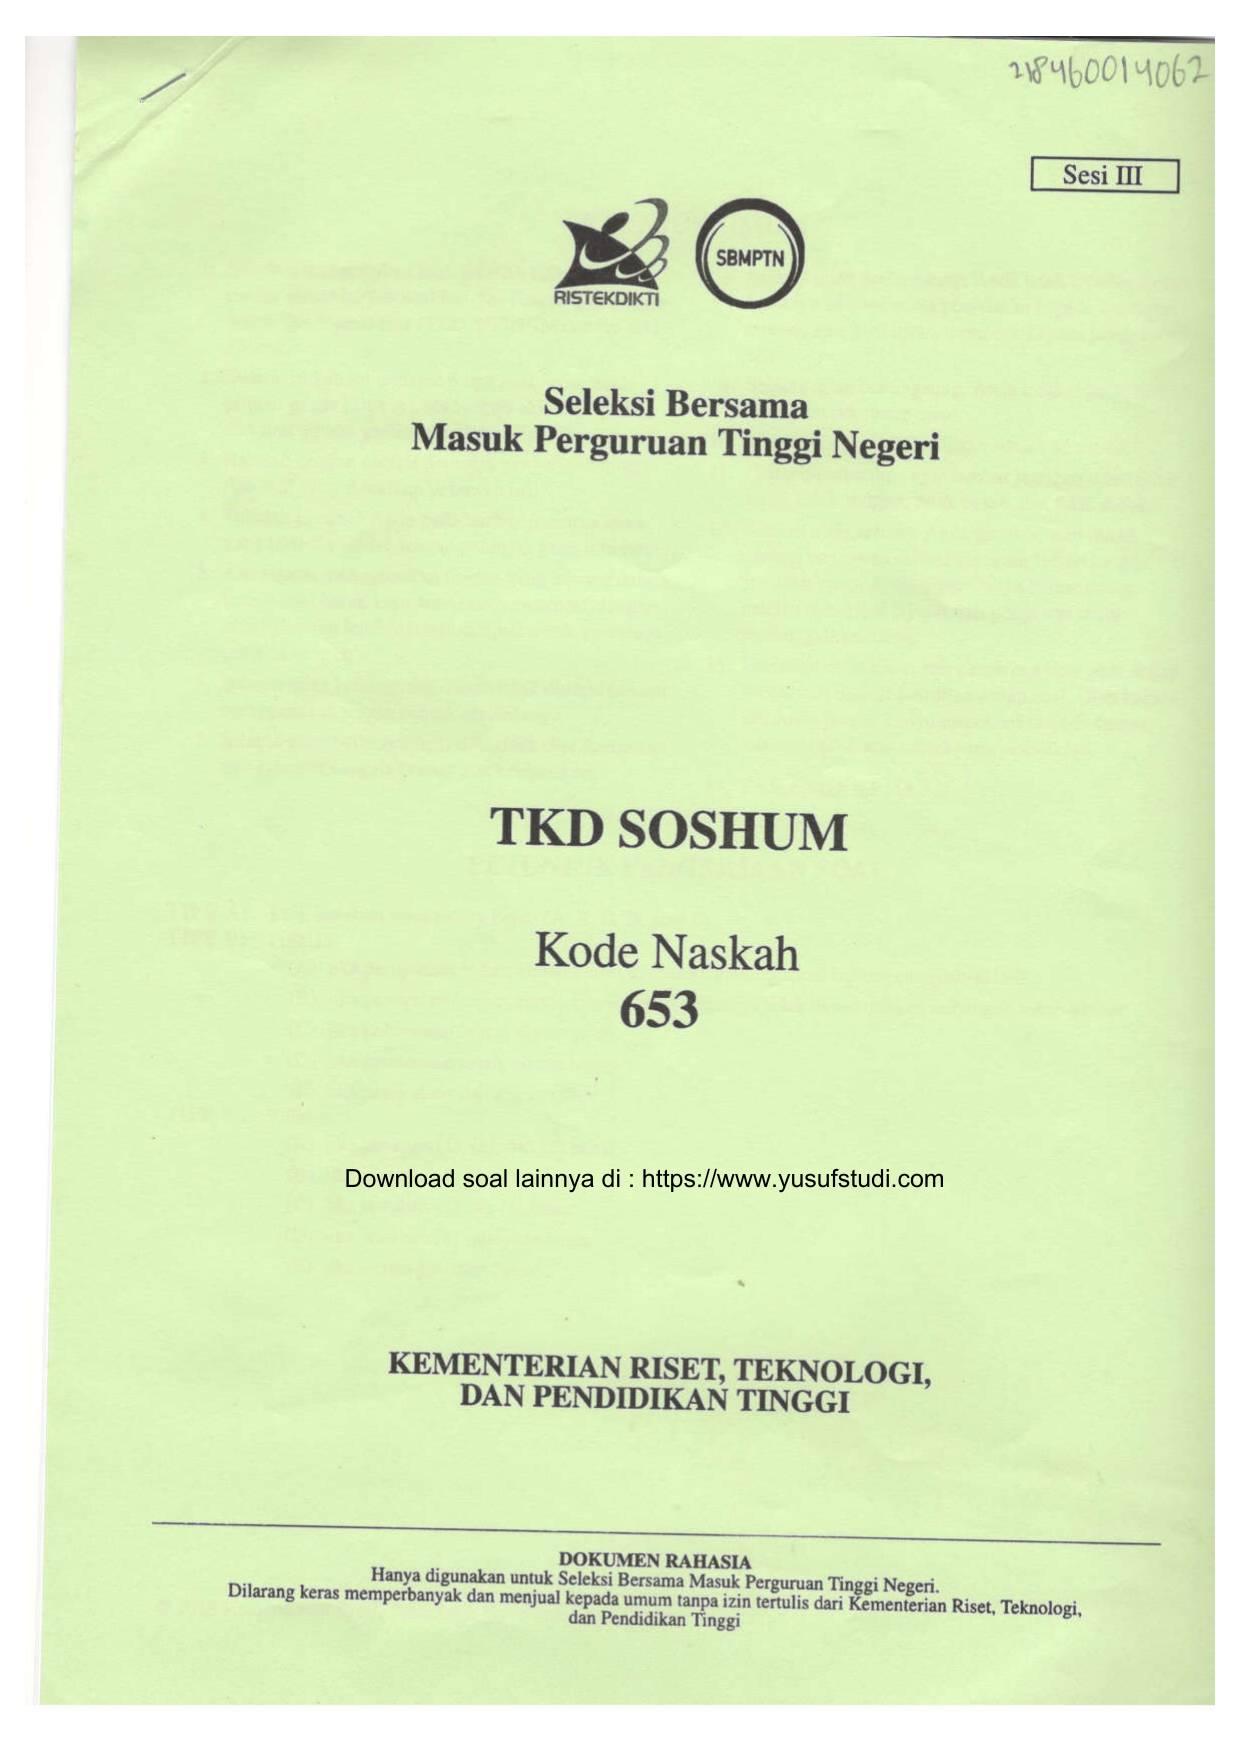 Soal Sbmptn 2018 Soshum Kode 653 Yusufstudi Com